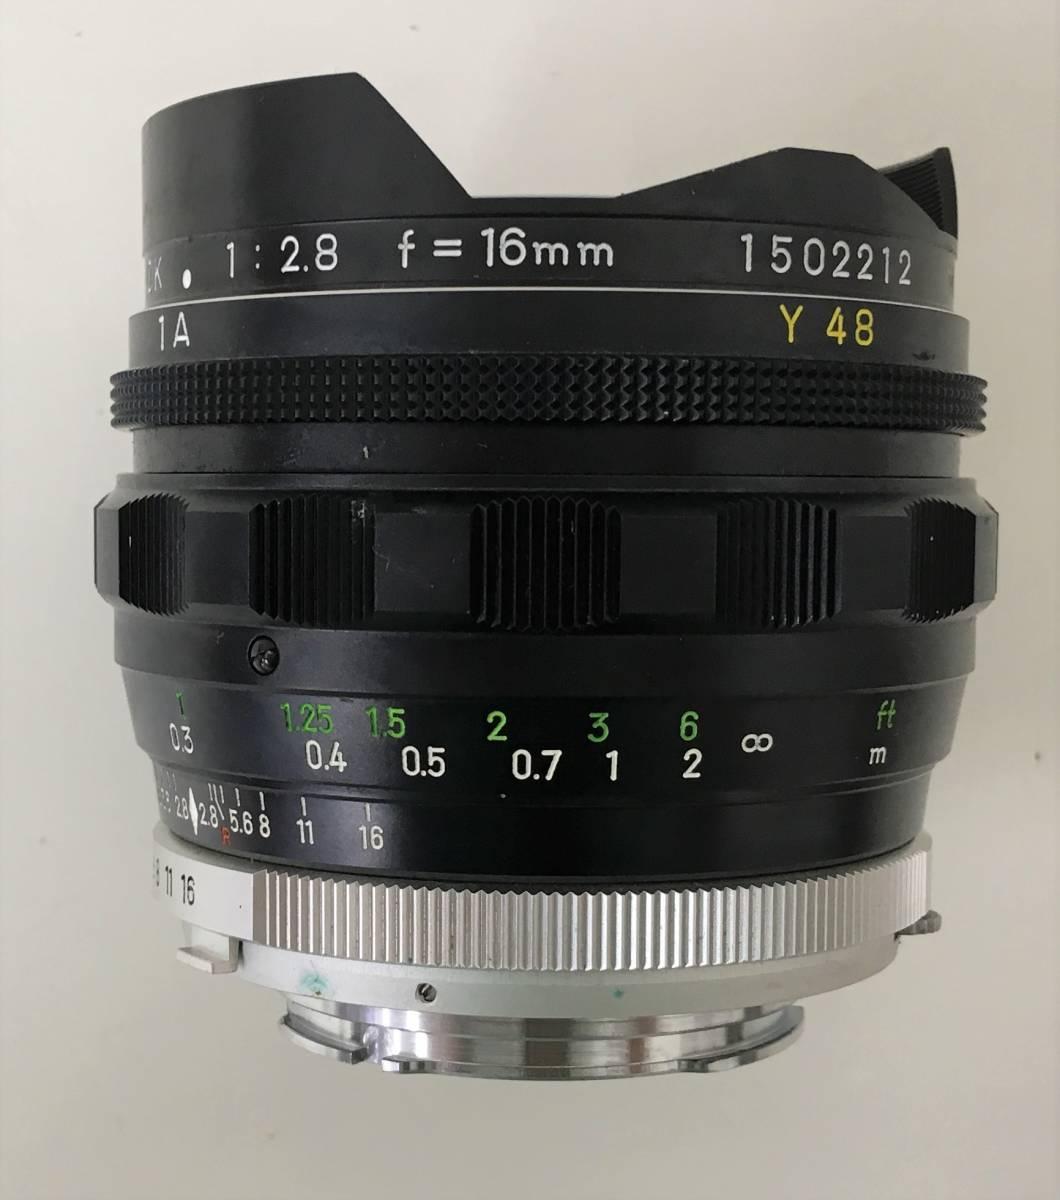 【ミノルタ 魚眼レンズ 1:2.8 F=!6mm】MINOLTA/MC FISH-EYE ROKKOR-OK(1502212)/ケース・キャップ付/A5830_画像4